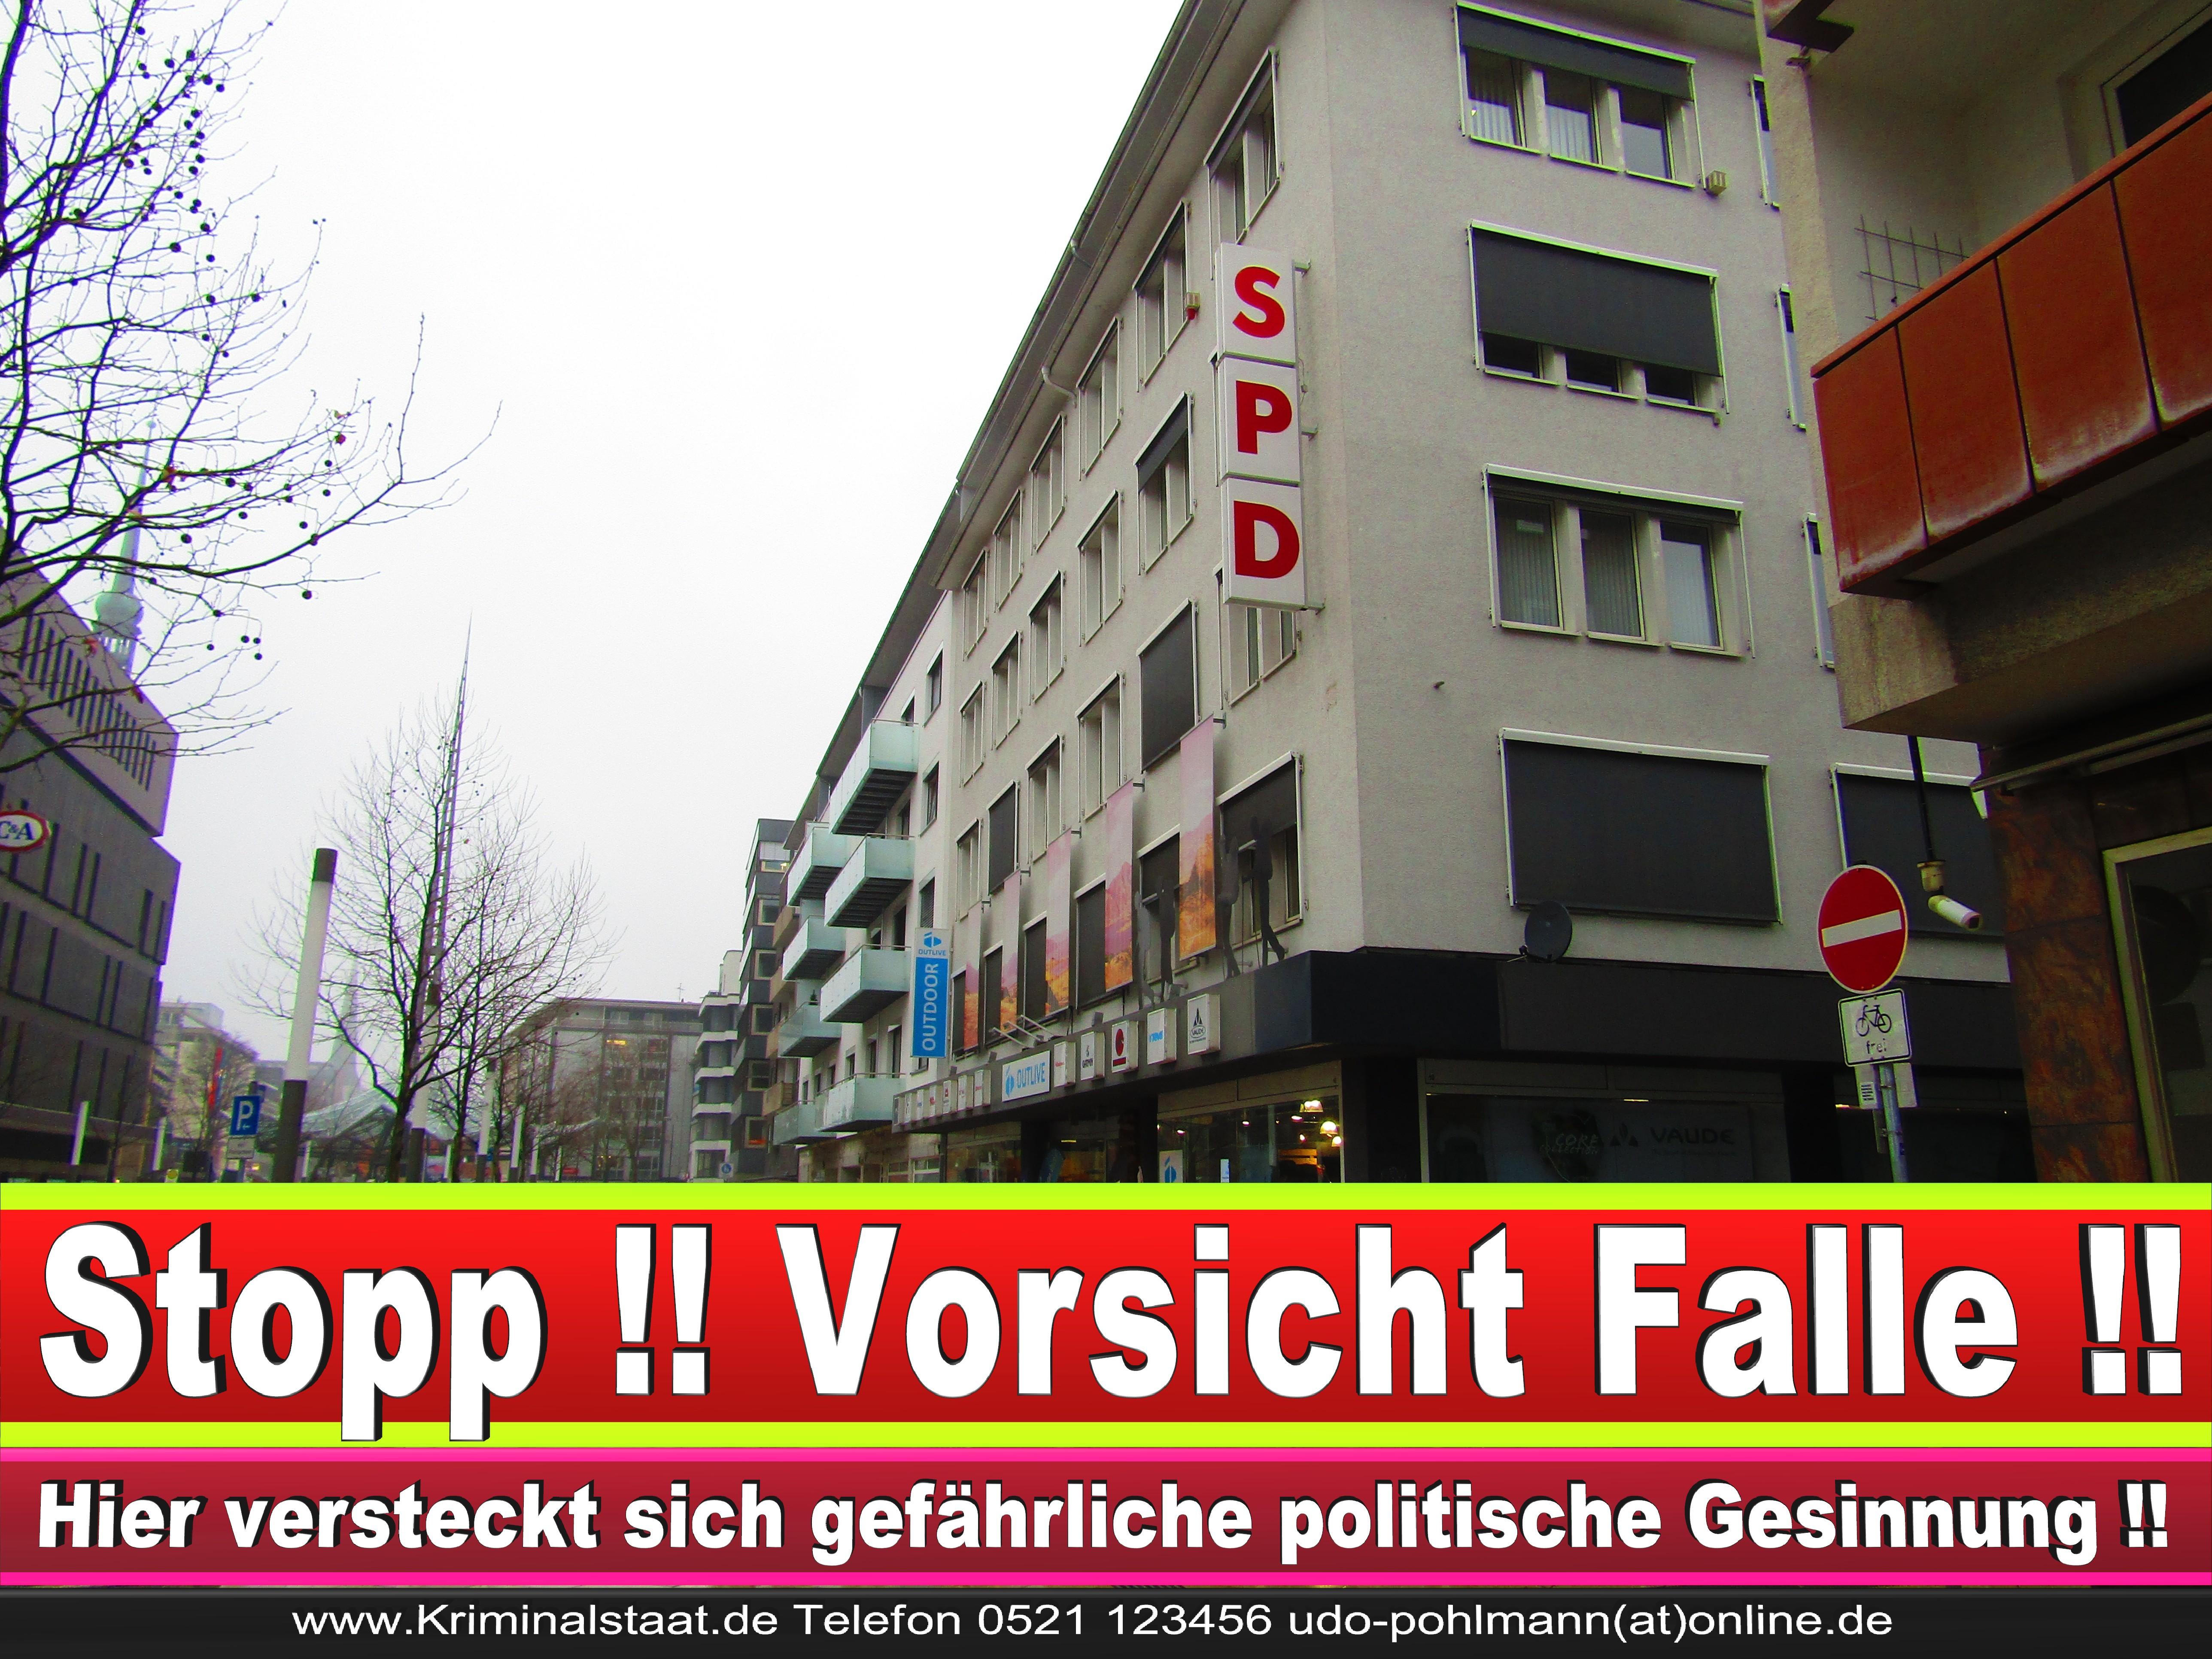 SPD DORTMUND BüRGERBüRO SPD ORTSVERBAND RAT STADT RATSMITGLIEDER SPD FRAKTION GESCHäFTSSTELLE SPD NRW ADRESSE (12) 1 1